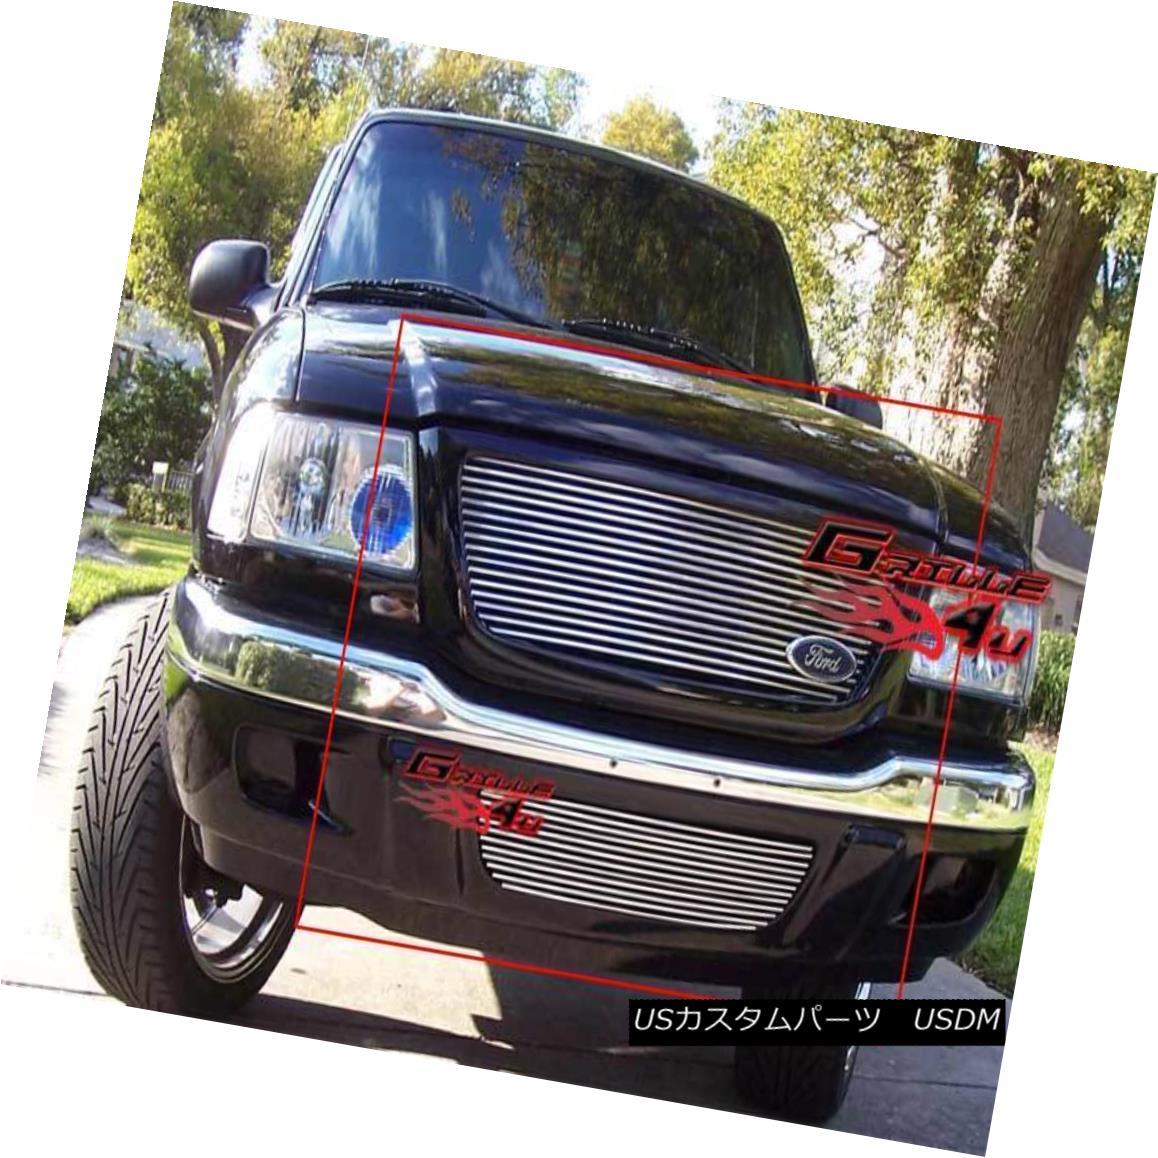 グリル Fits 2001-2003 Ford Ranger XLT/ XL 2WD Billet Grille Combo フィット2001-2003フォードレンジャーXLT / XL 2WDビレットグリルコンボ